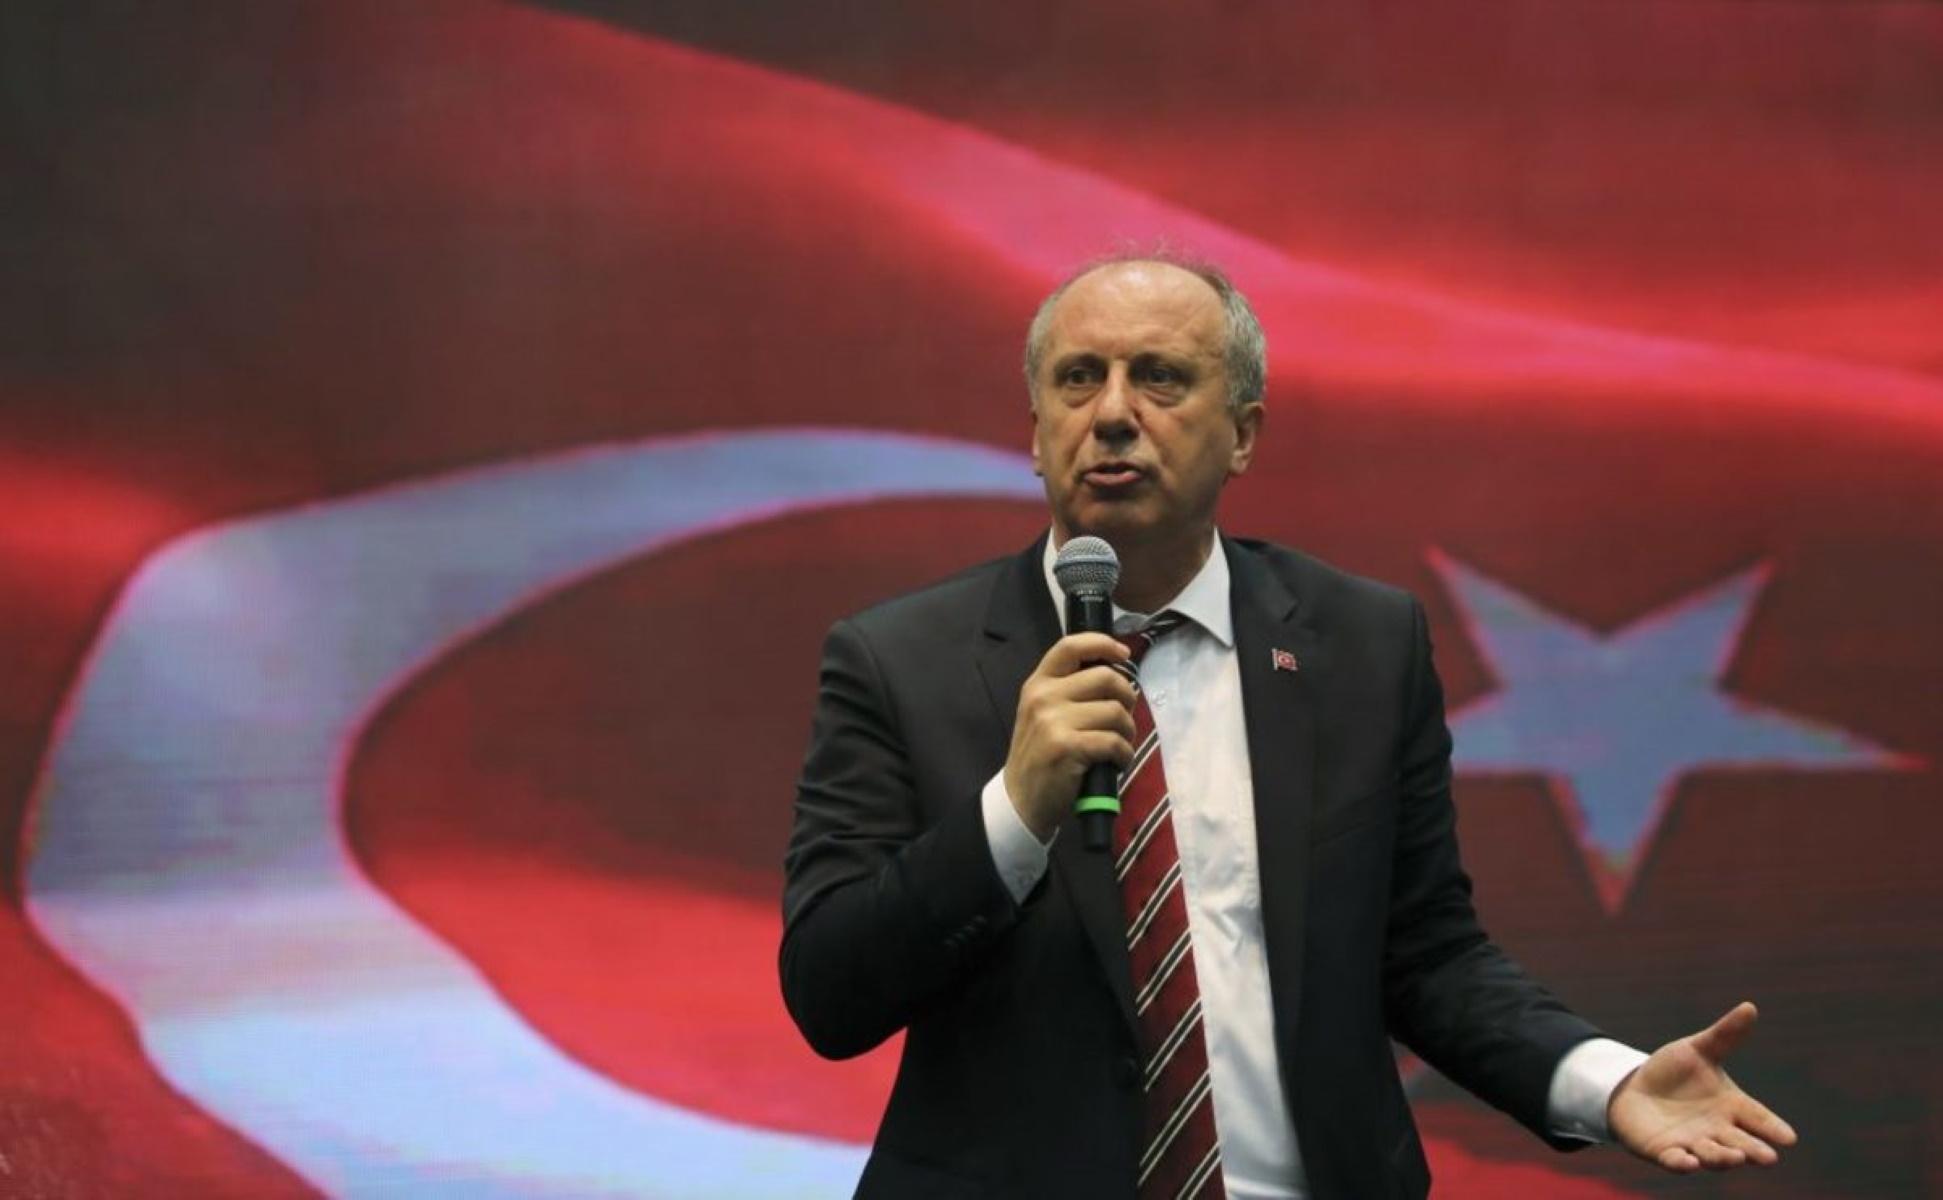 Ο Μουχαρέμ Ιντζέ ταράζει τα νερά της τουρκικής πολιτικής – Παραιτήθηκε από το CHP και κάνει δικό του κόμμα